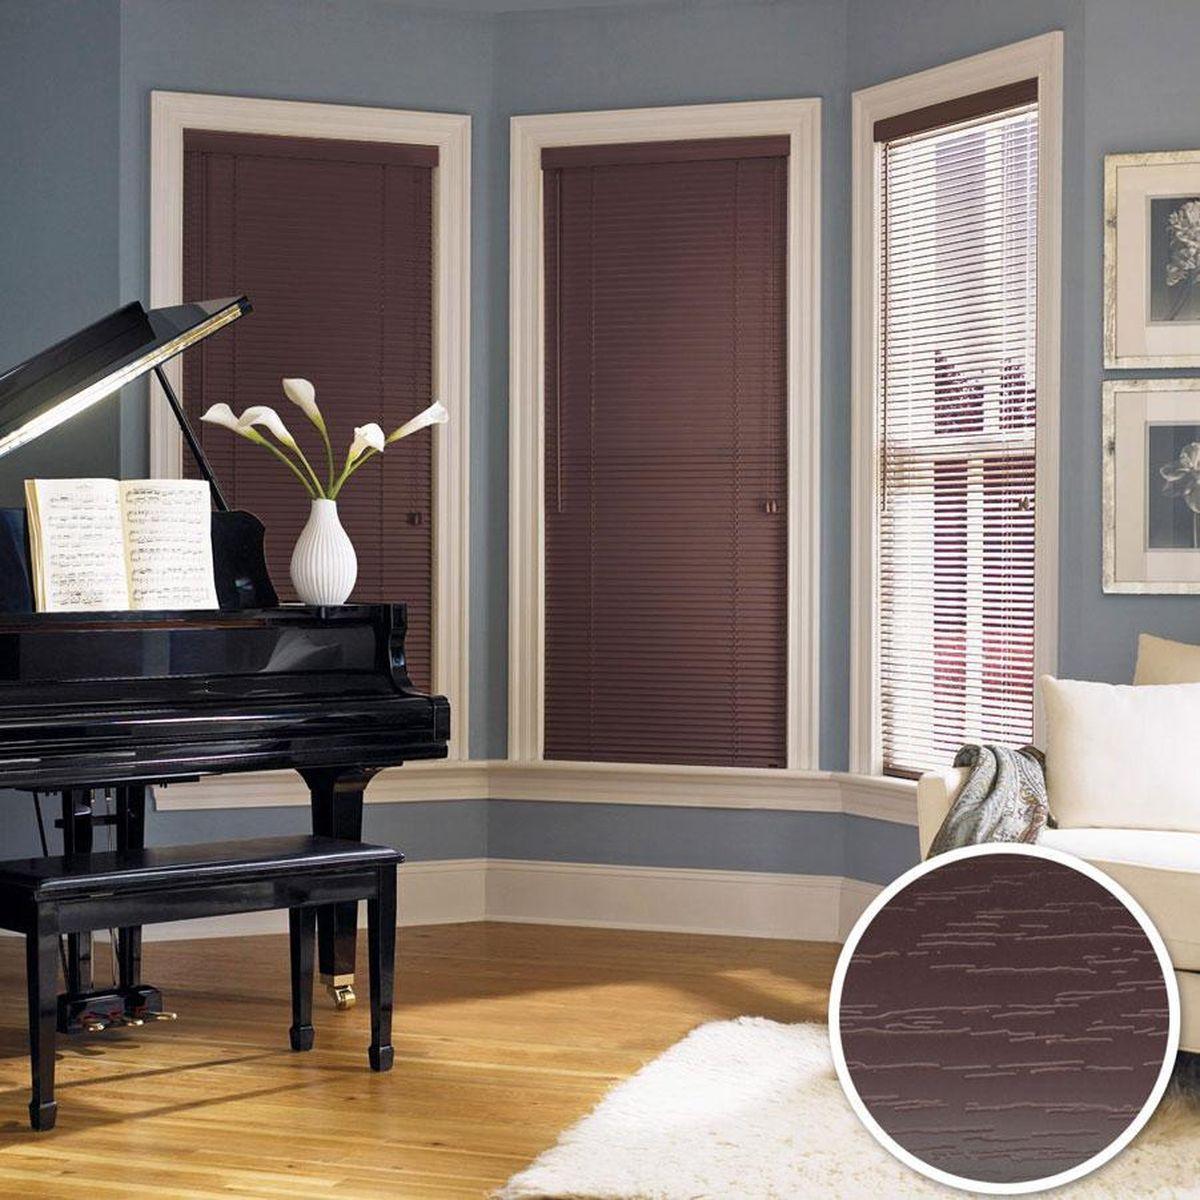 Жалюзи Эскар, горизонтальные, цвет: темный кофе, ширина 140 см, высота 160 см1004900000360Для того чтобы придать интерьеру изюминку и завершенность, нет ничего лучше, чем использовать жалюзи на окнах квартиры, дома или офиса. С их помощью можно подчеркнуть индивидуальный вкус, а также стилевое оформление помещения. Помимо декоративных функций, жалюзи выполняют и практические задачи: они защищают от излишнего солнечного света, не дают помещению нагреваться, а также создают уют в темное время суток.Пластиковые жалюзи - самое универсальное и недорогое решение для любого помещения. Купить их может каждый, а широкий выбор размеров под самые популярные габариты сделает покупку простой и удобной. Пластиковые жалюзи имеют высокие эксплуатационные характеристики - они гигиеничны, что делает их незаменимыми при монтаже в детских и медицинских учреждениях.